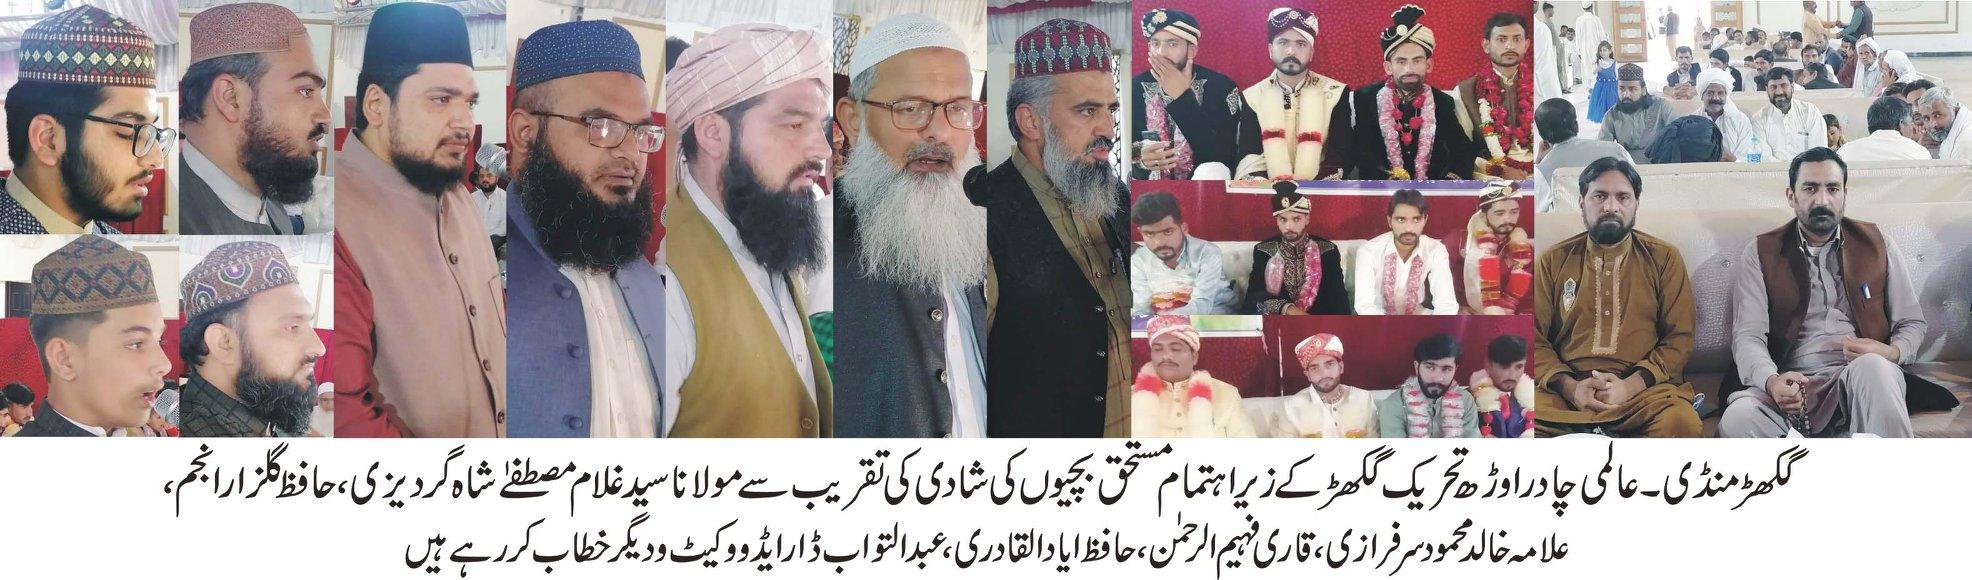 مستحق لڑکیوں کو باعزت طریقہ سے شادی اور رخصتی بہت بڑا جہا دہے( ڈاکٹر مولانا سید غلام مصطفےٰ شاہ گردیزی)